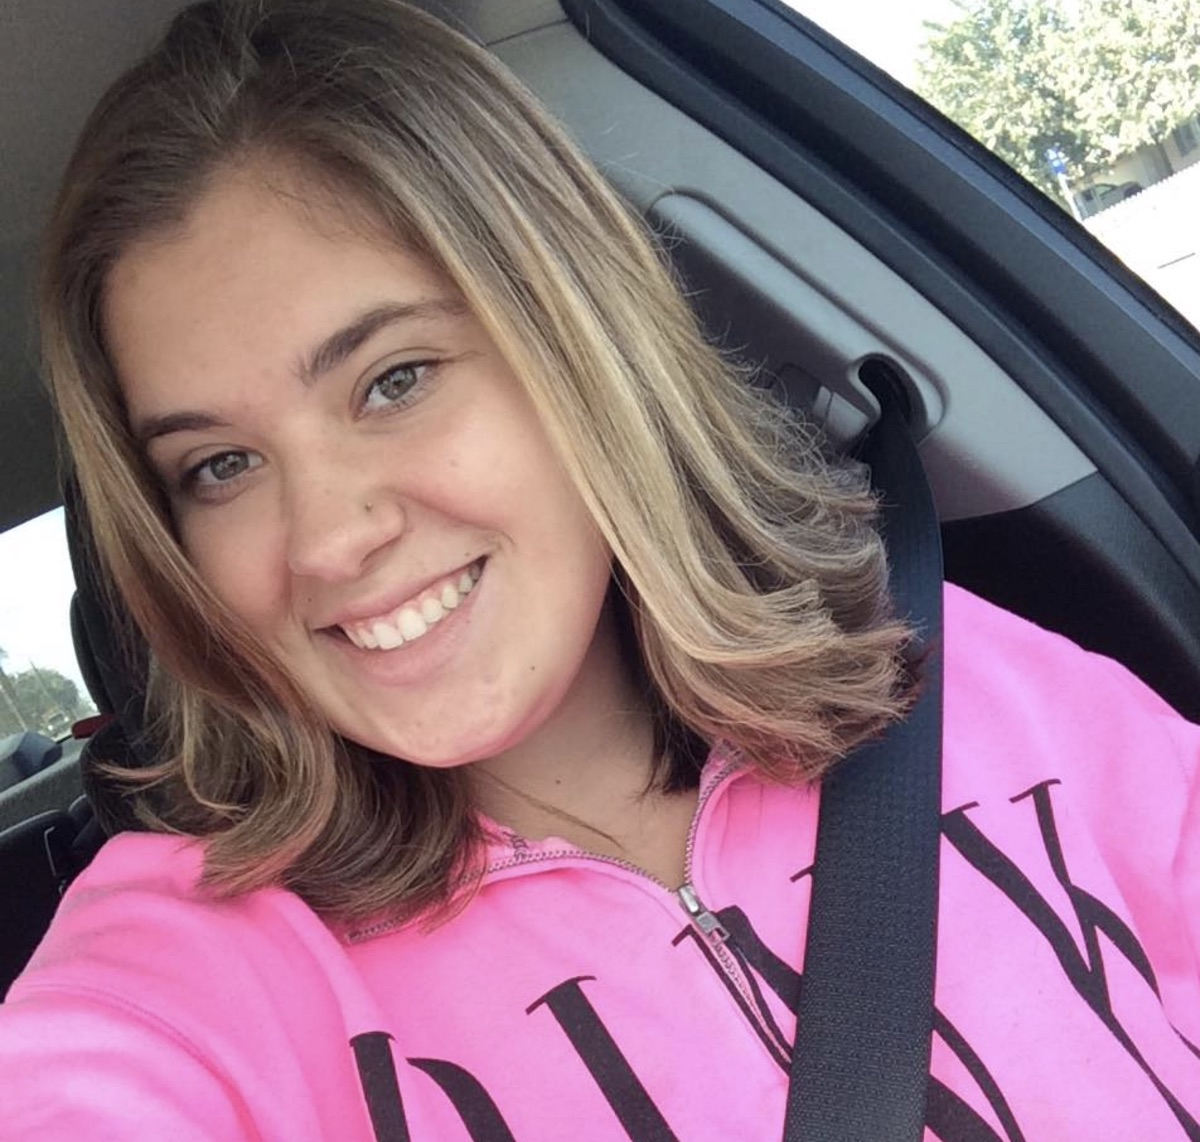 Bailey Schweitzer, Bailey Schweitzer Las Vegas Shooting, Remembering Bailey Schweitzer